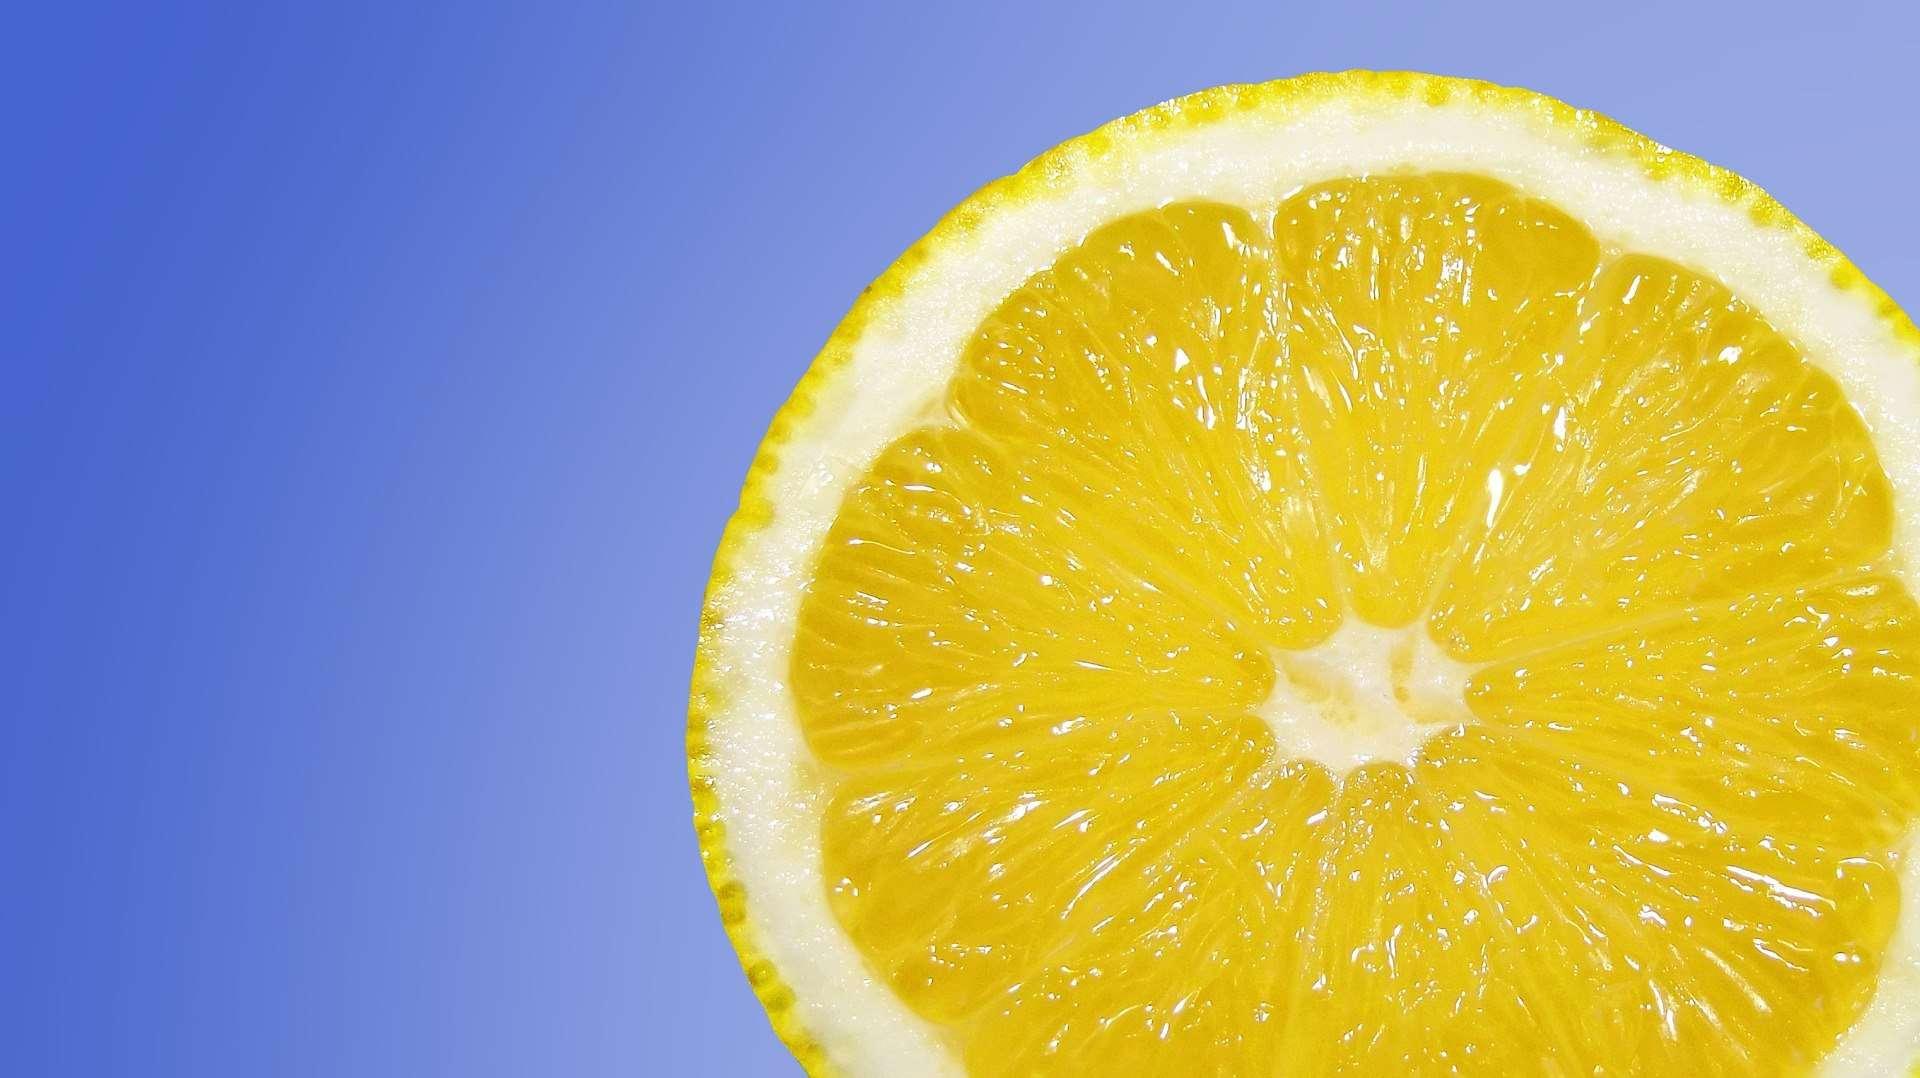 Lemons reduce appetite